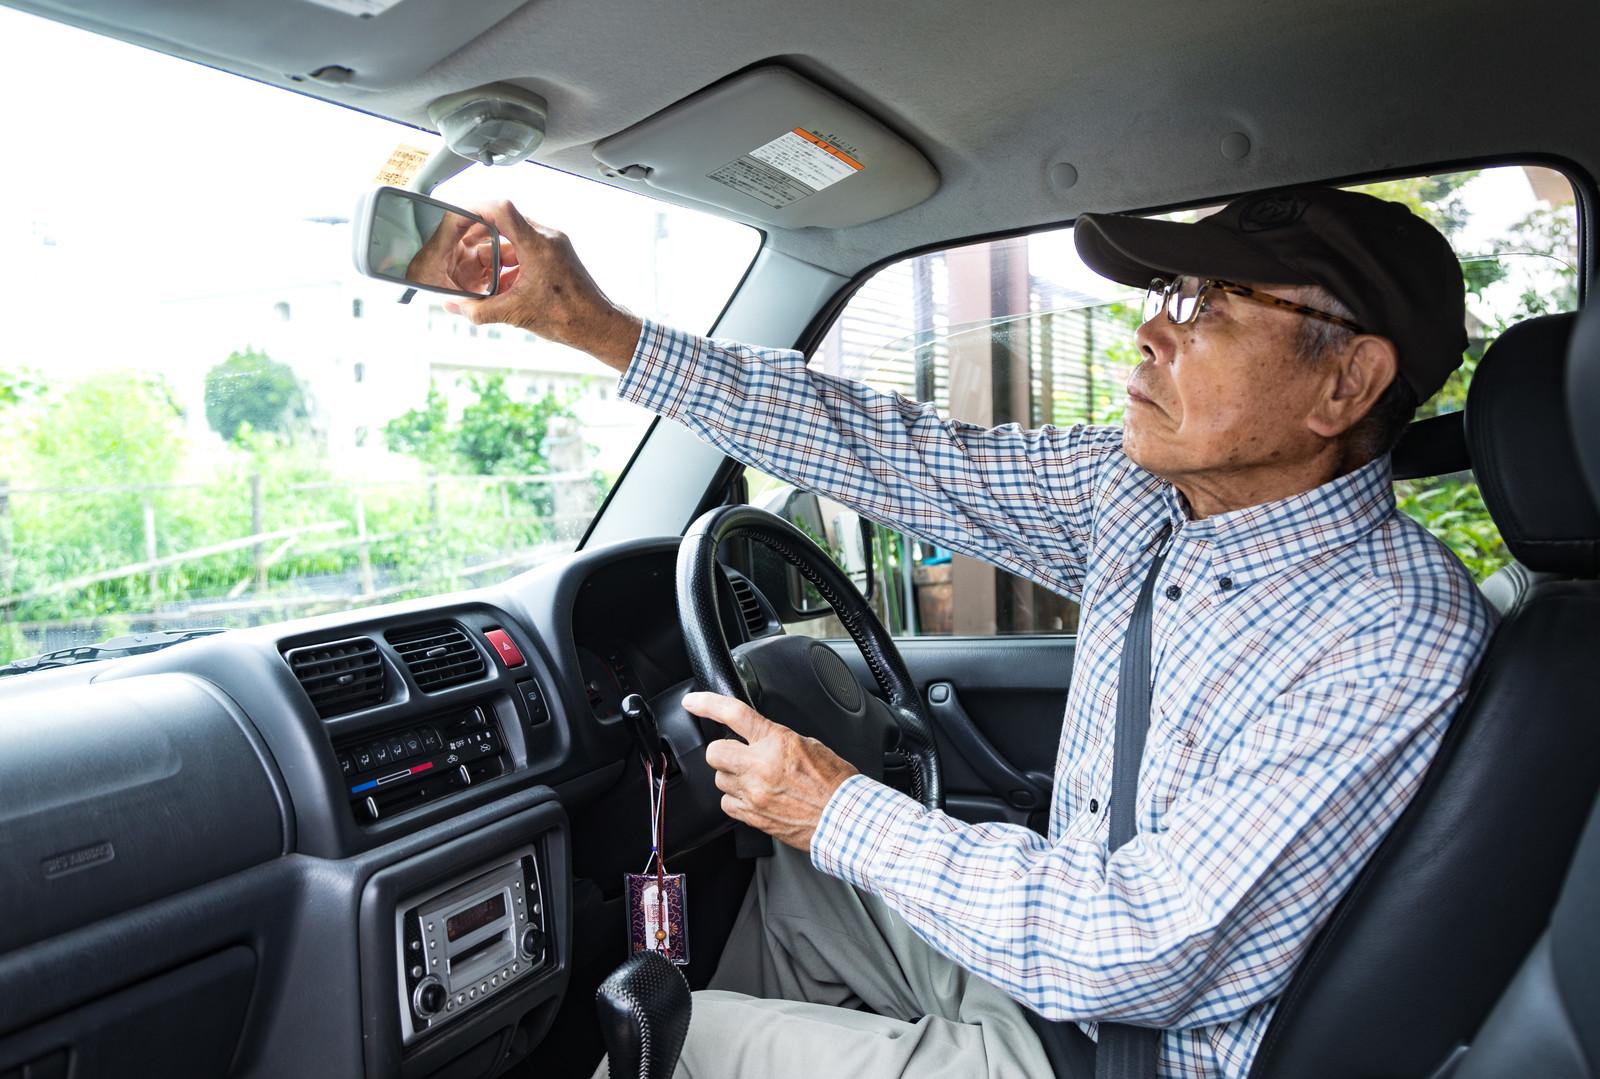 高齢者の自動車免許強制返納、4割が「賛成」